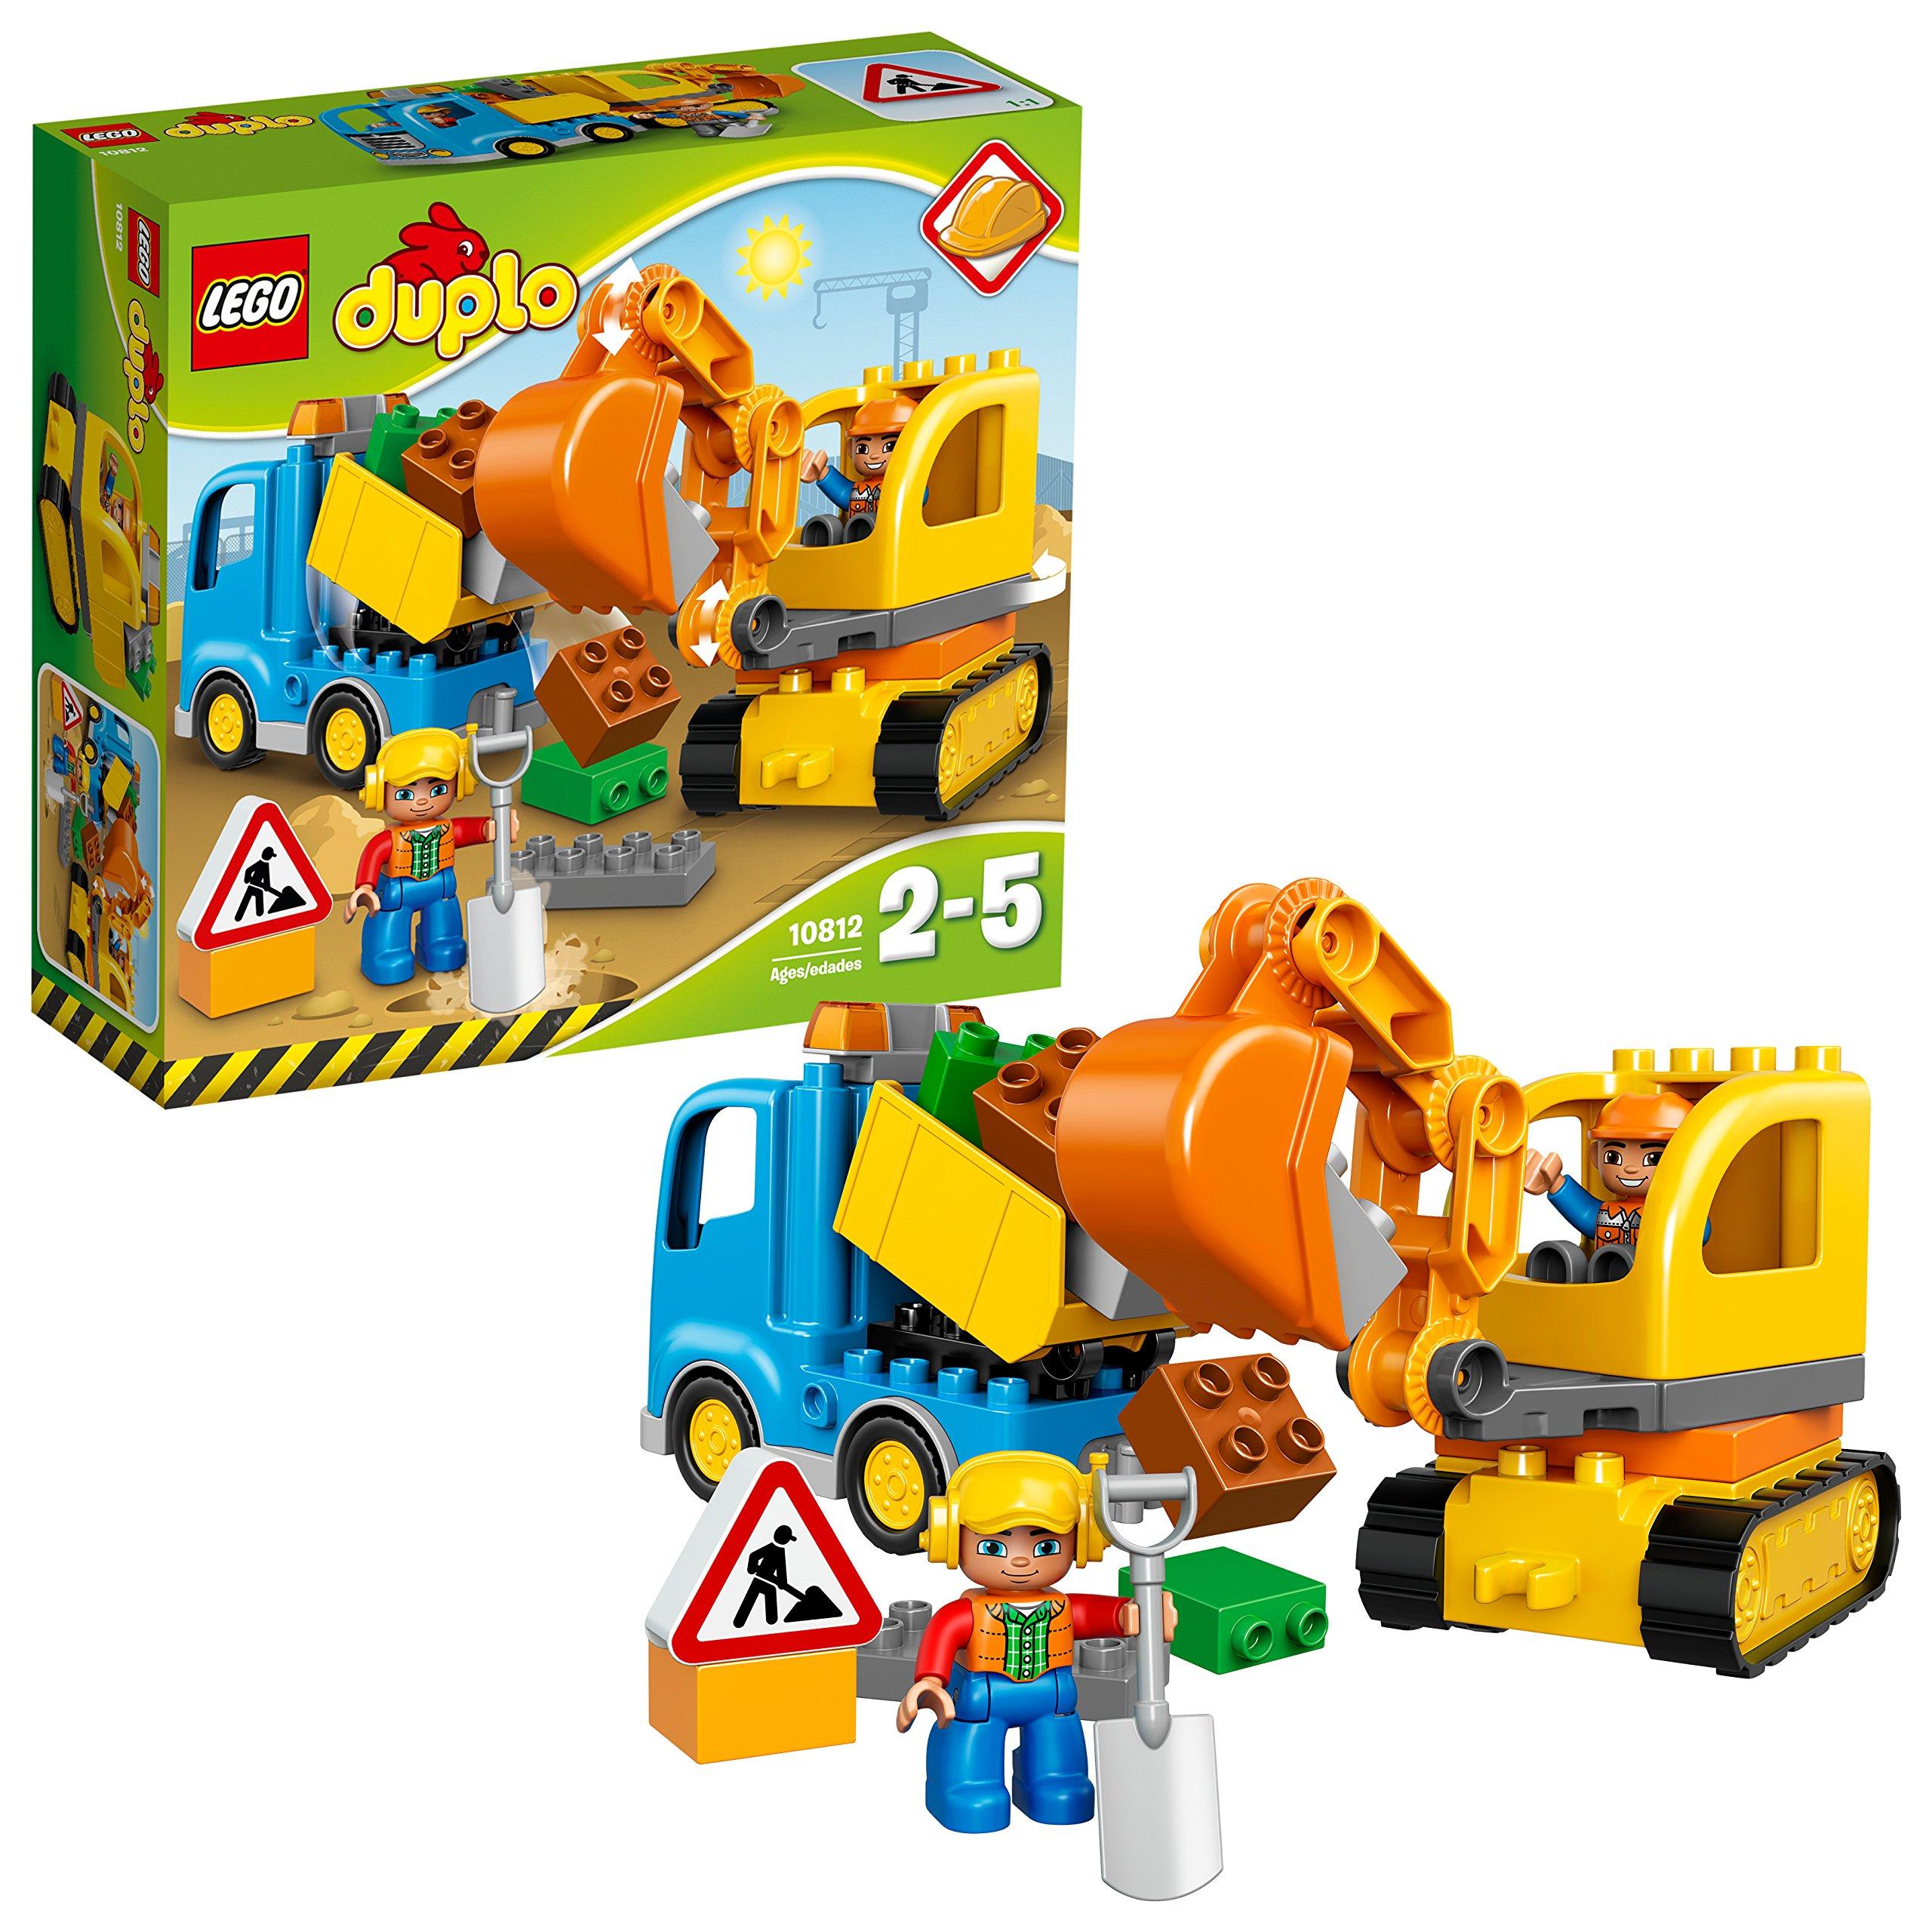 LEGO 10812 - Set Costruzioni Duplo Camion e Scavatrice Cingolata product image